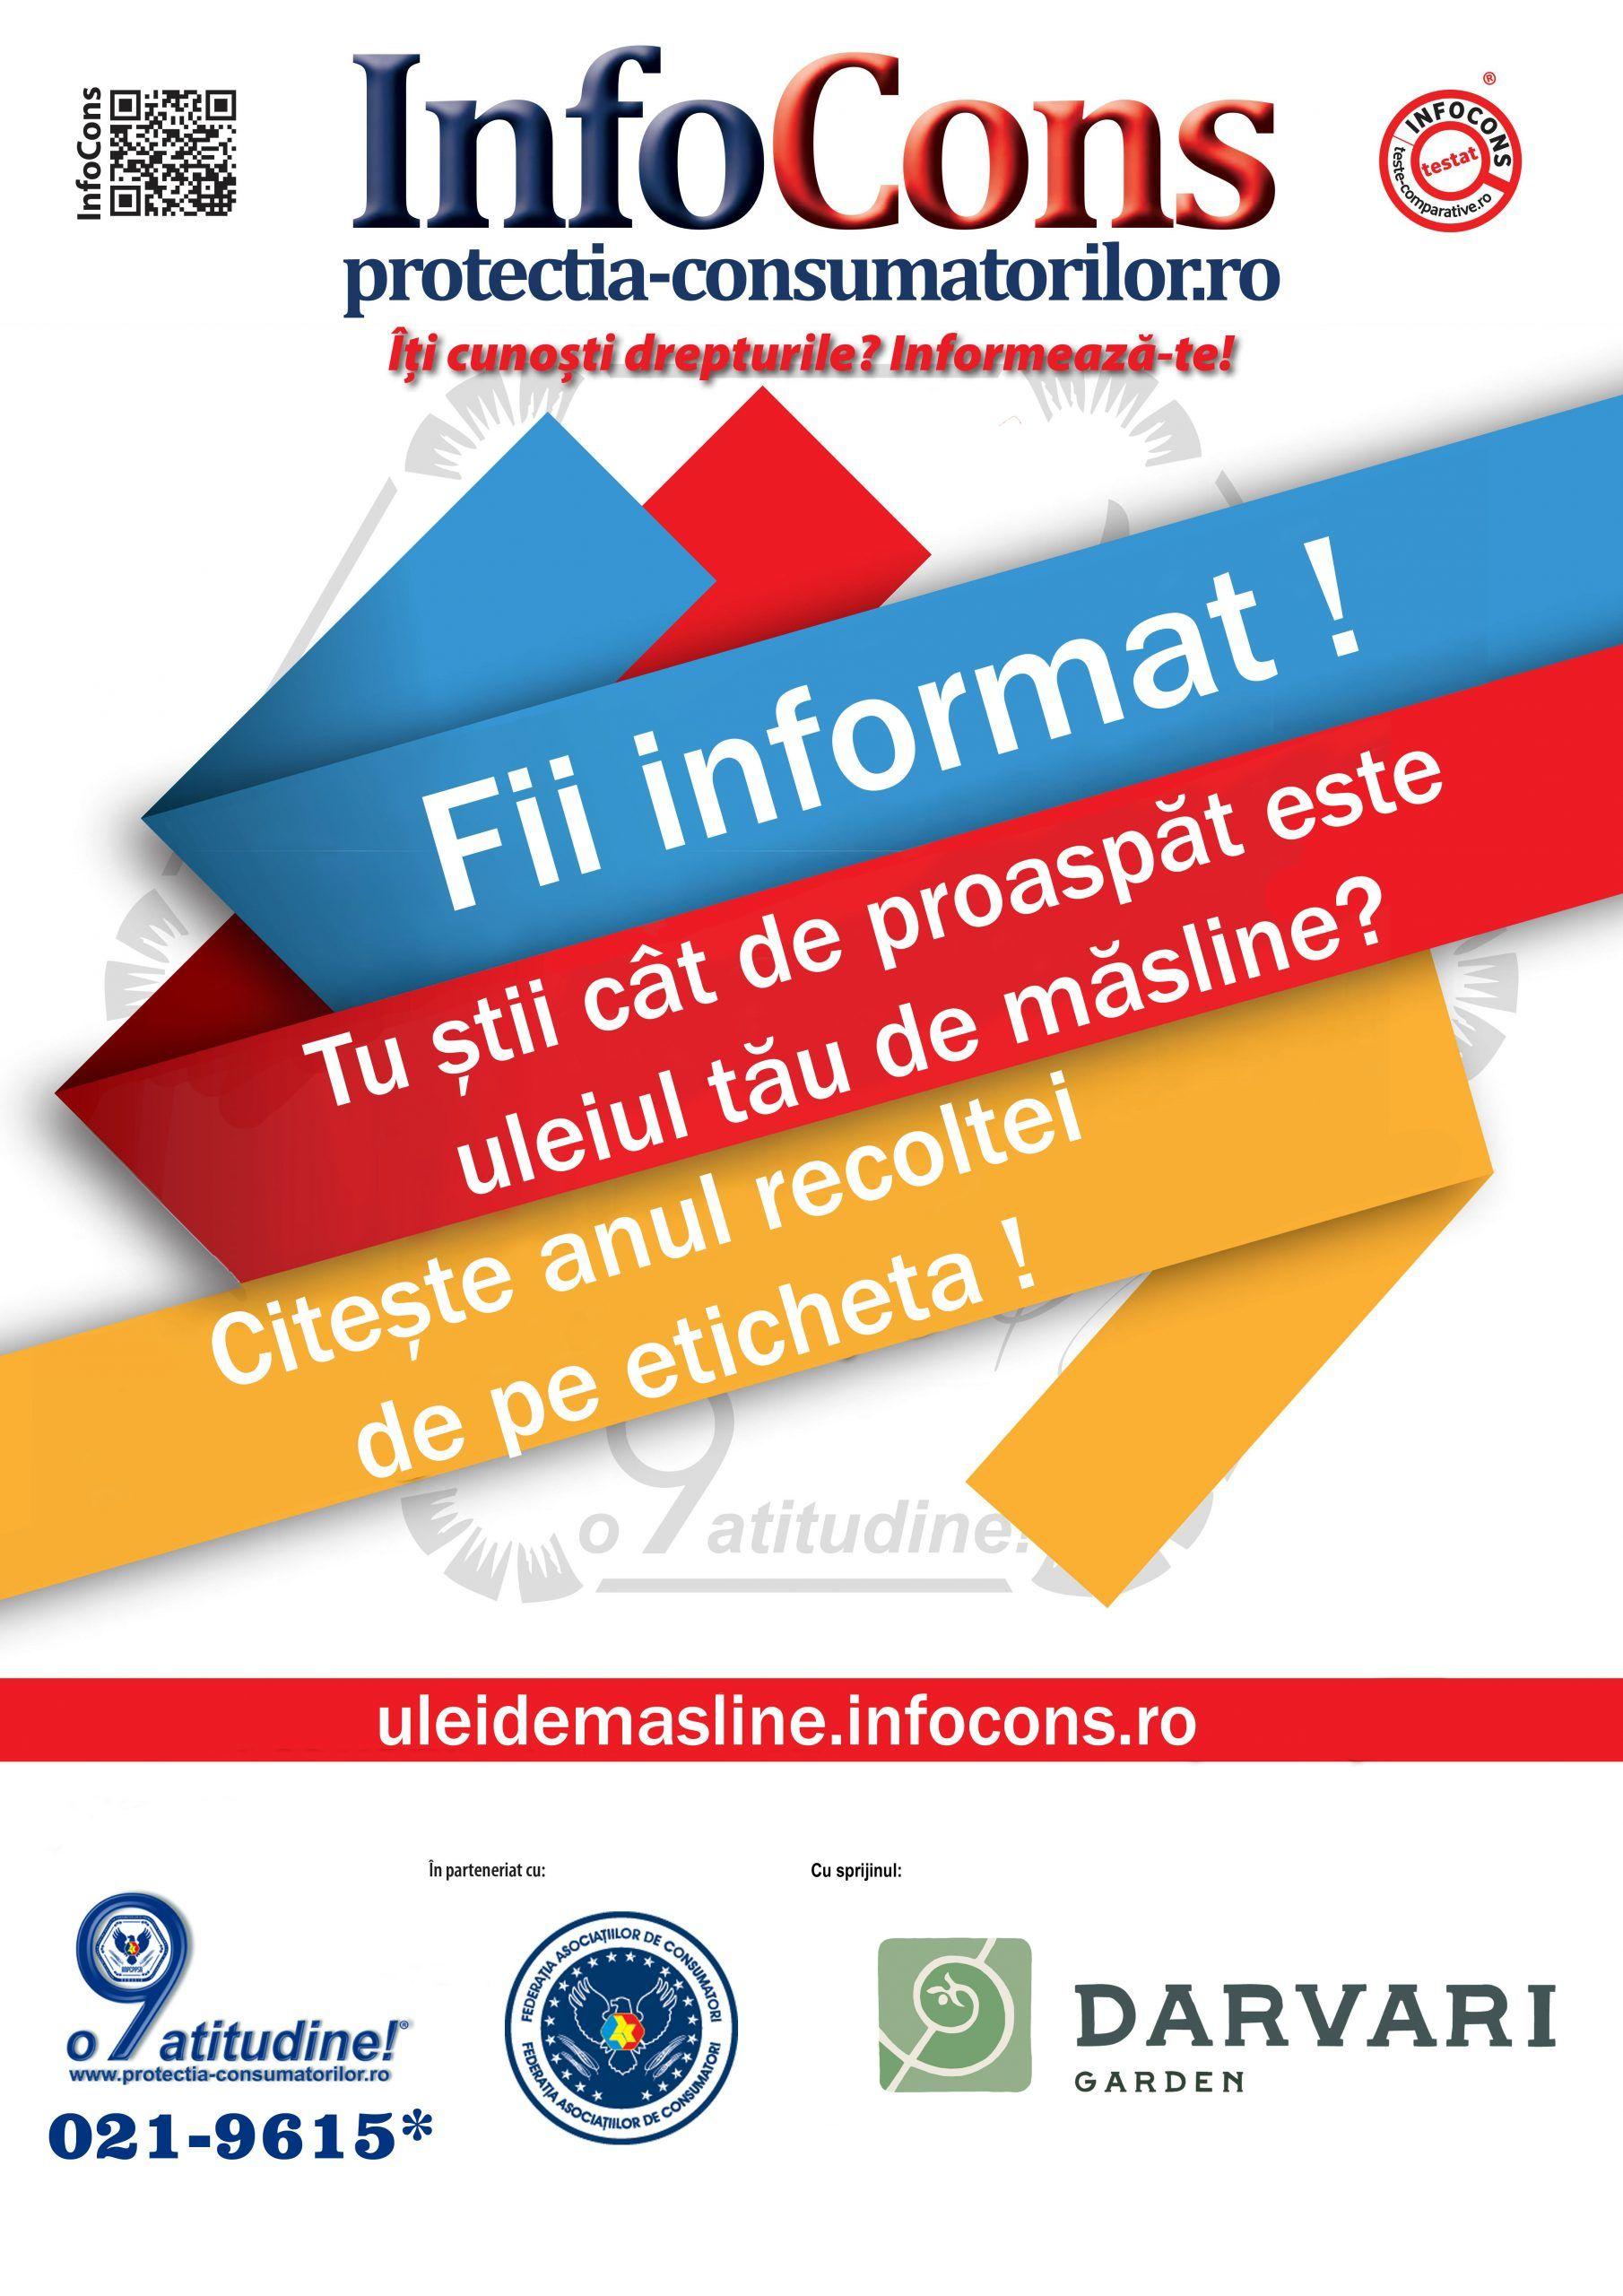 InfoCons - protectia consumatorilor protectia consumatorului - uleiul de masline